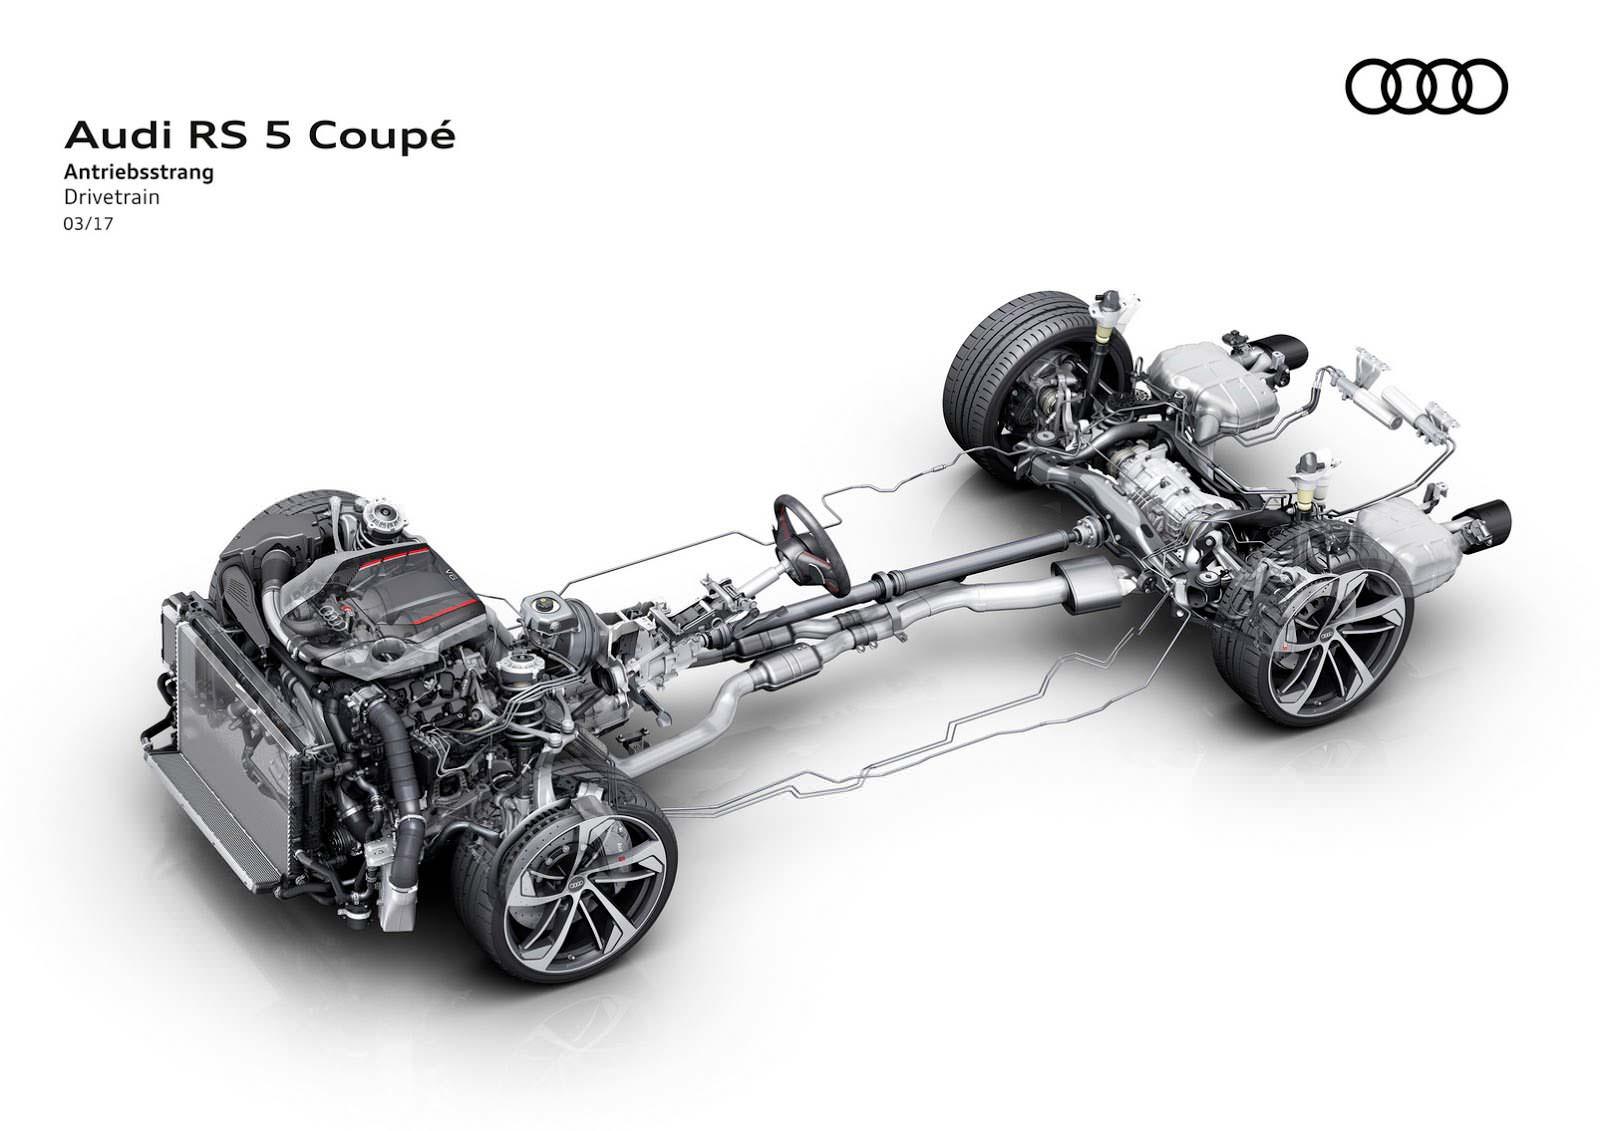 Шасси и двигатель Ауди РС5 второго поколения